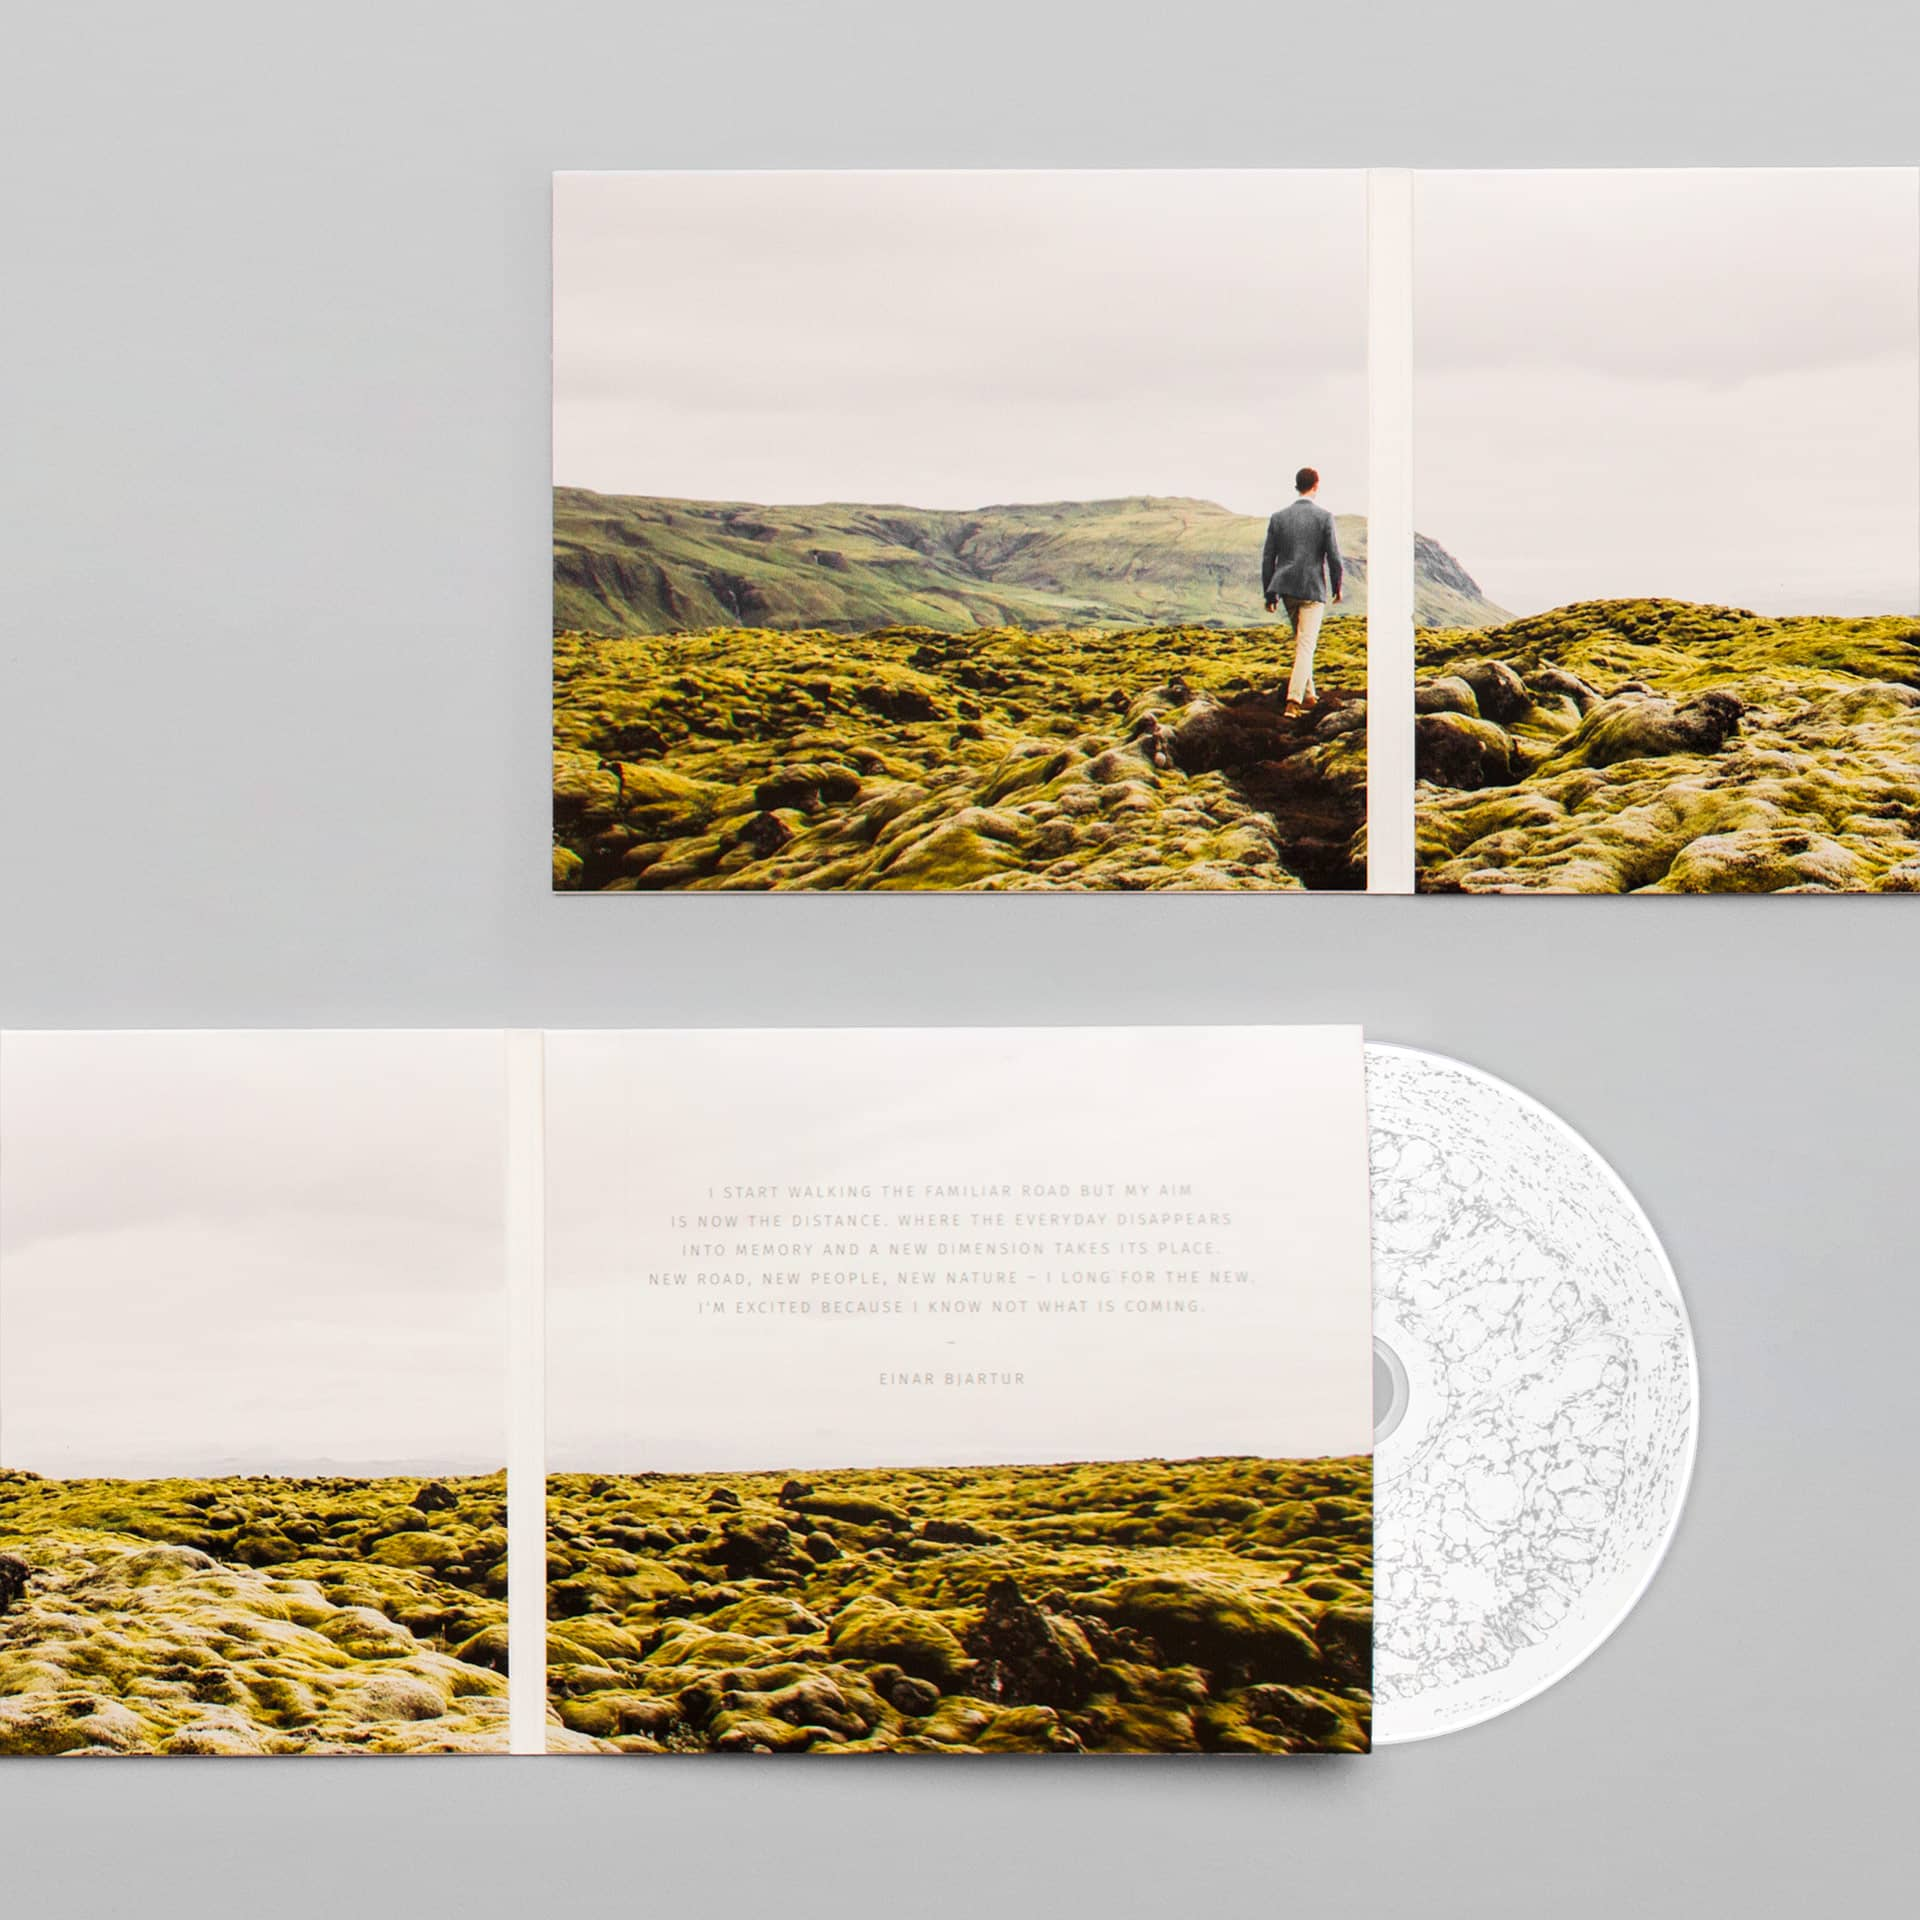 Album cover voor het debuut album Heimkoma van Einar Bjartur Egilsson ontworpen door Saus